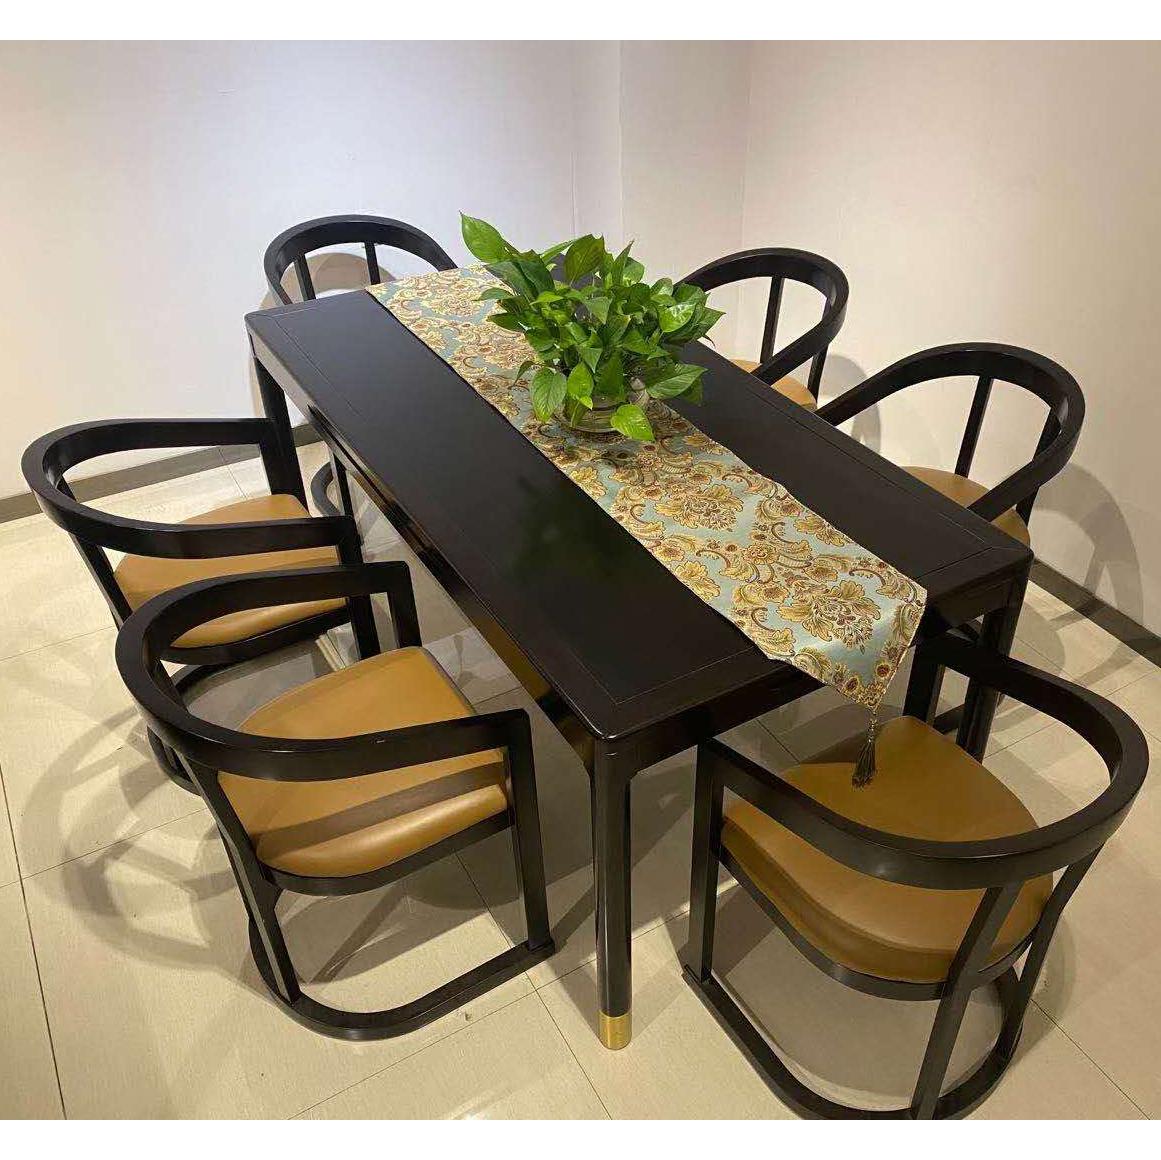 铁艺实木餐桌家用餐饮咖啡厅长方形办公会议桌电脑桌客厅桌椅组合